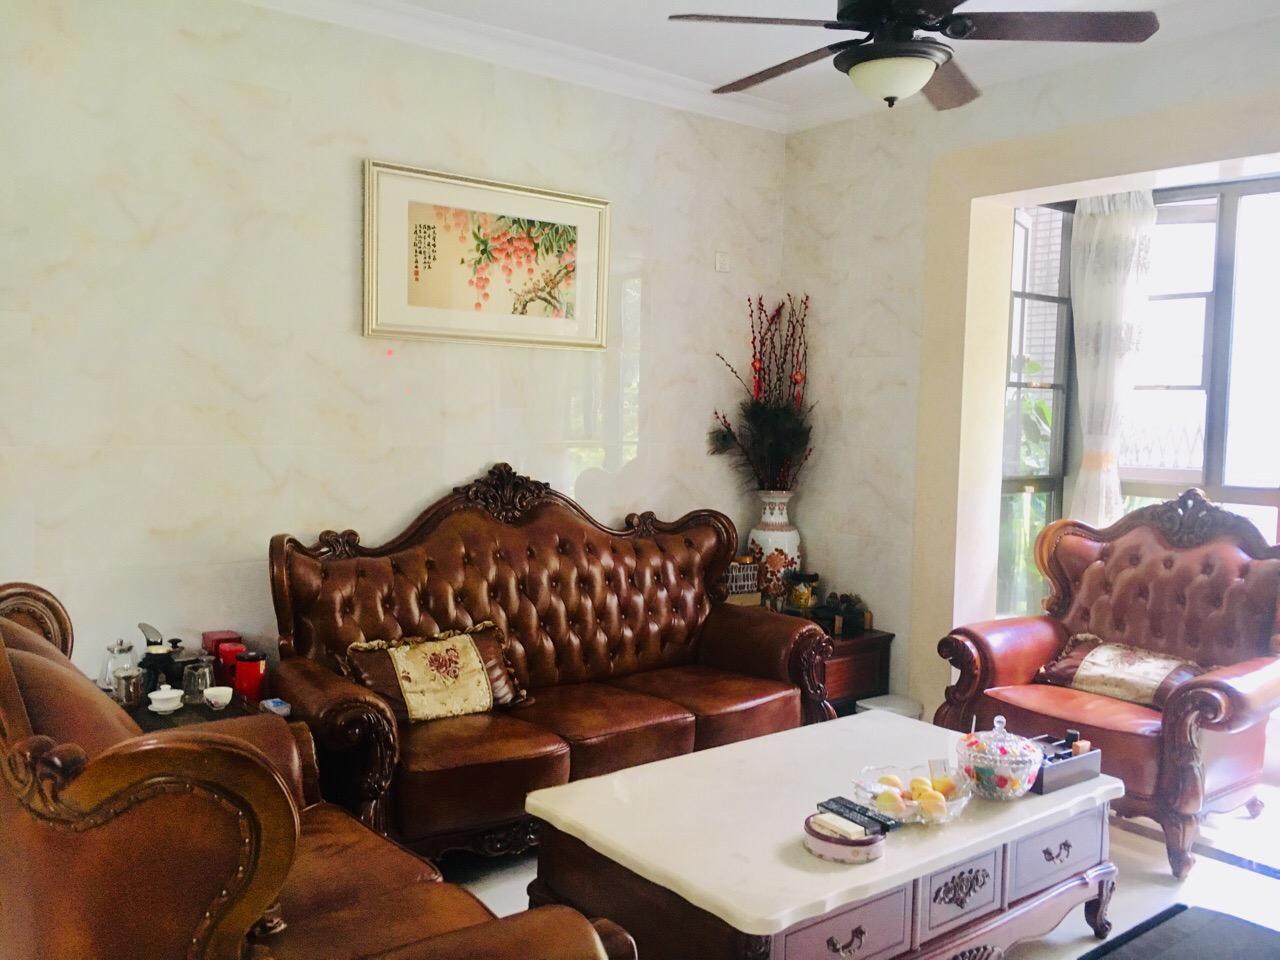 富力千禧花园3室2厅2卫南北朝向仅750万元